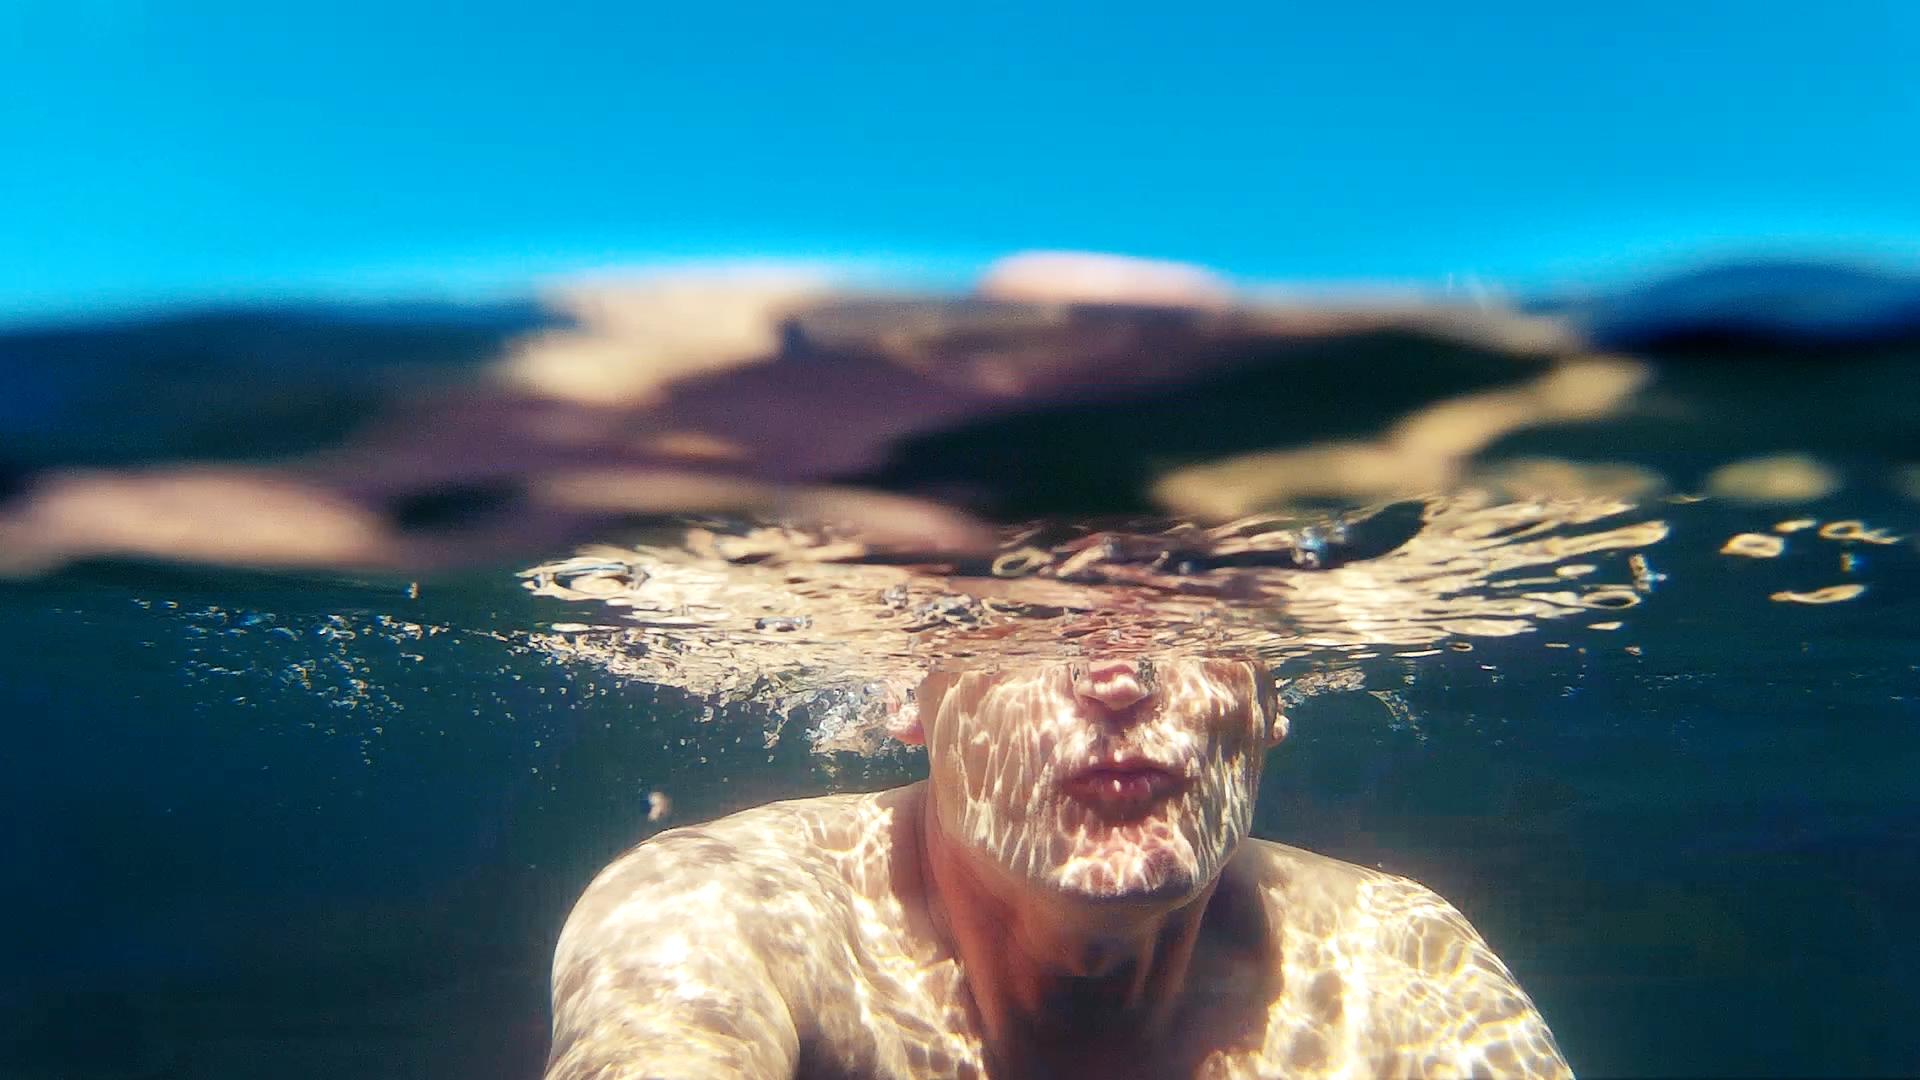 The Swimmer - Ich, auf Abtauchphase im Tegernsee.